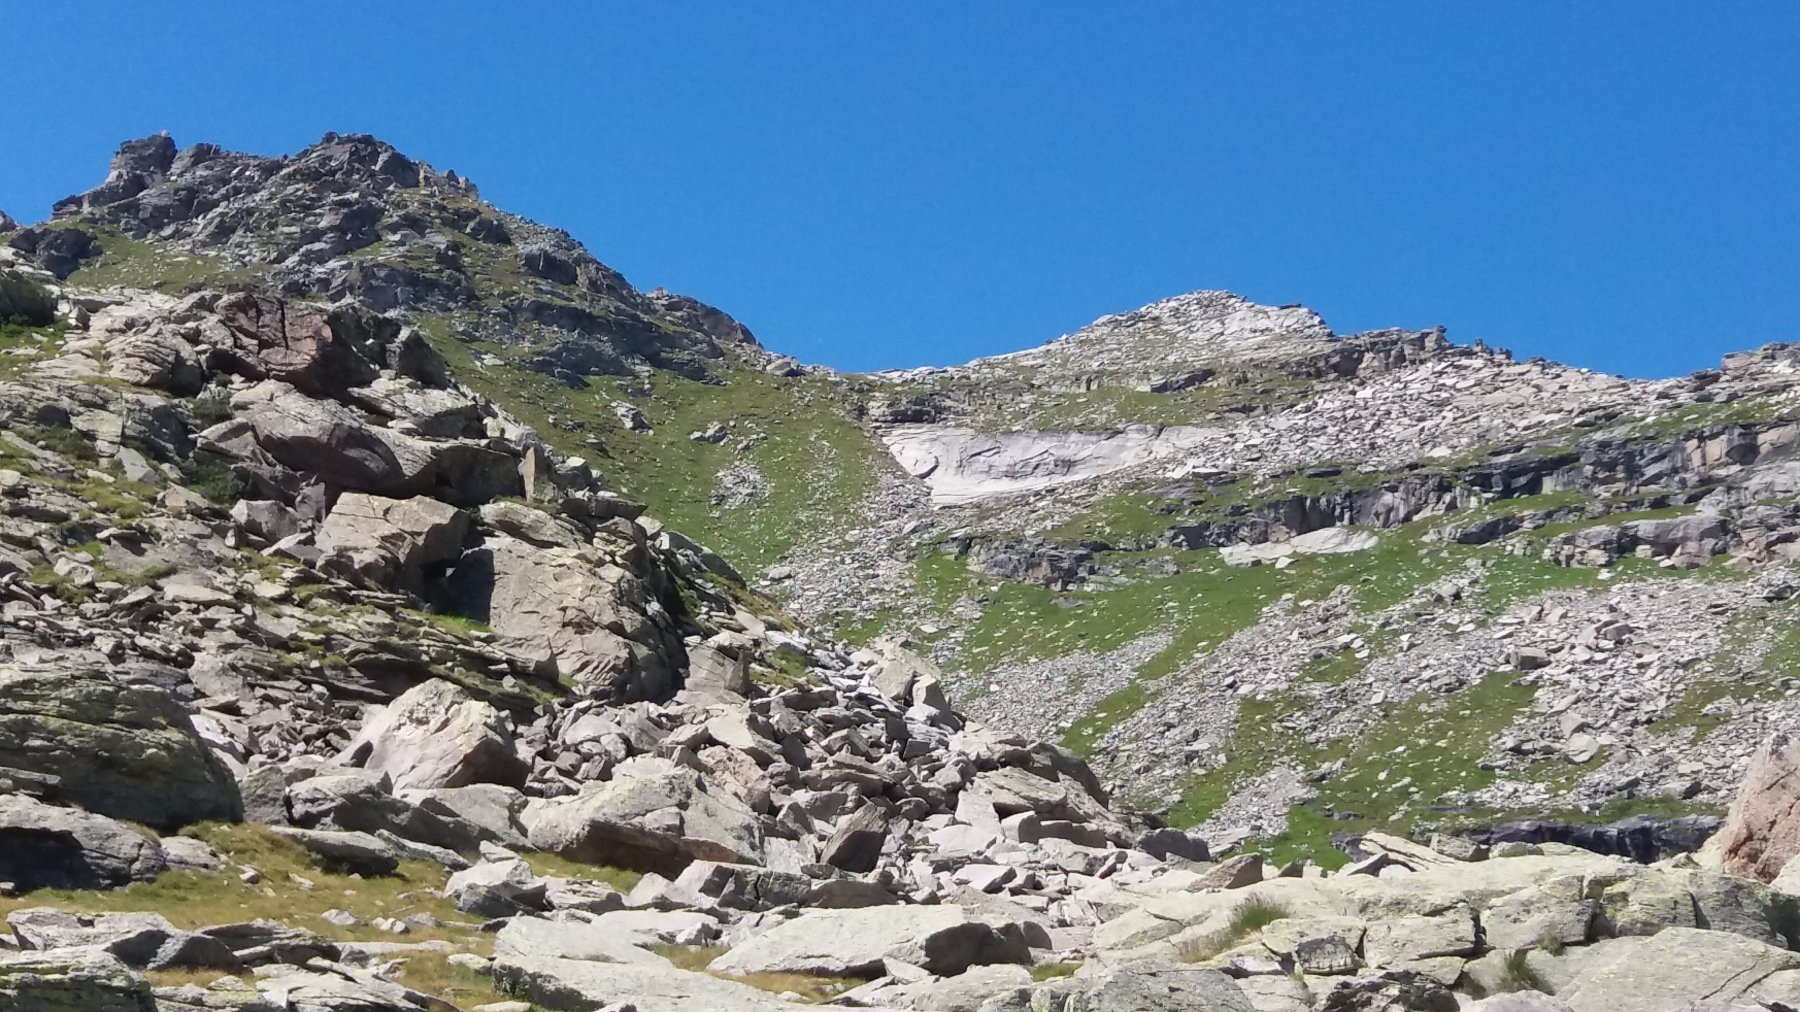 La cima e la zona di rocce lisce alla sua base